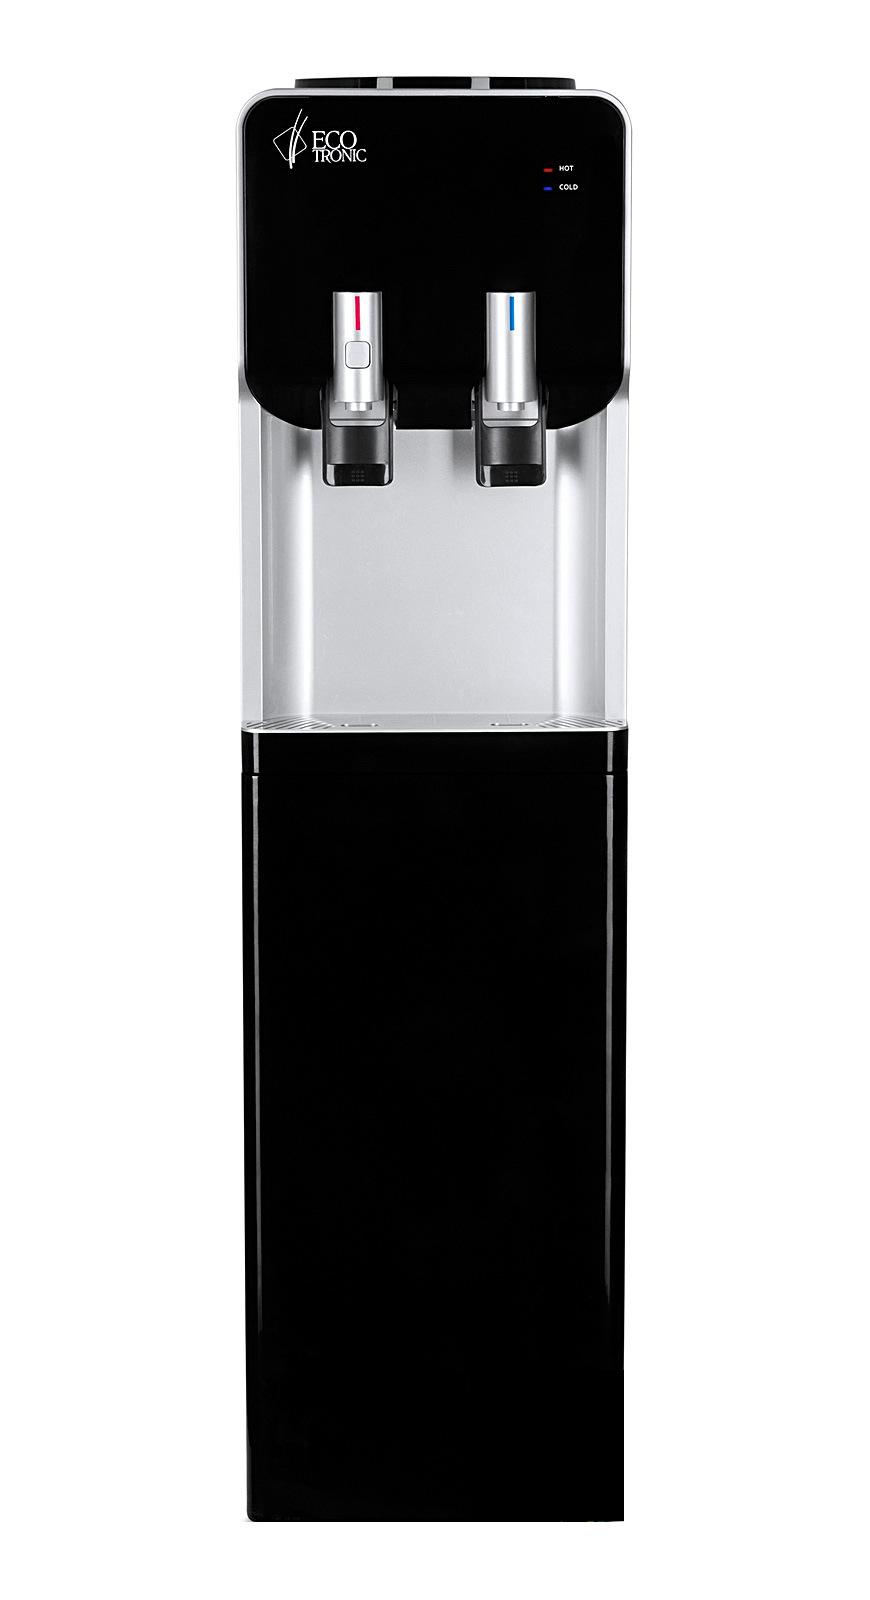 Кулер для воды Ecotronic M40 LF Black/Silver